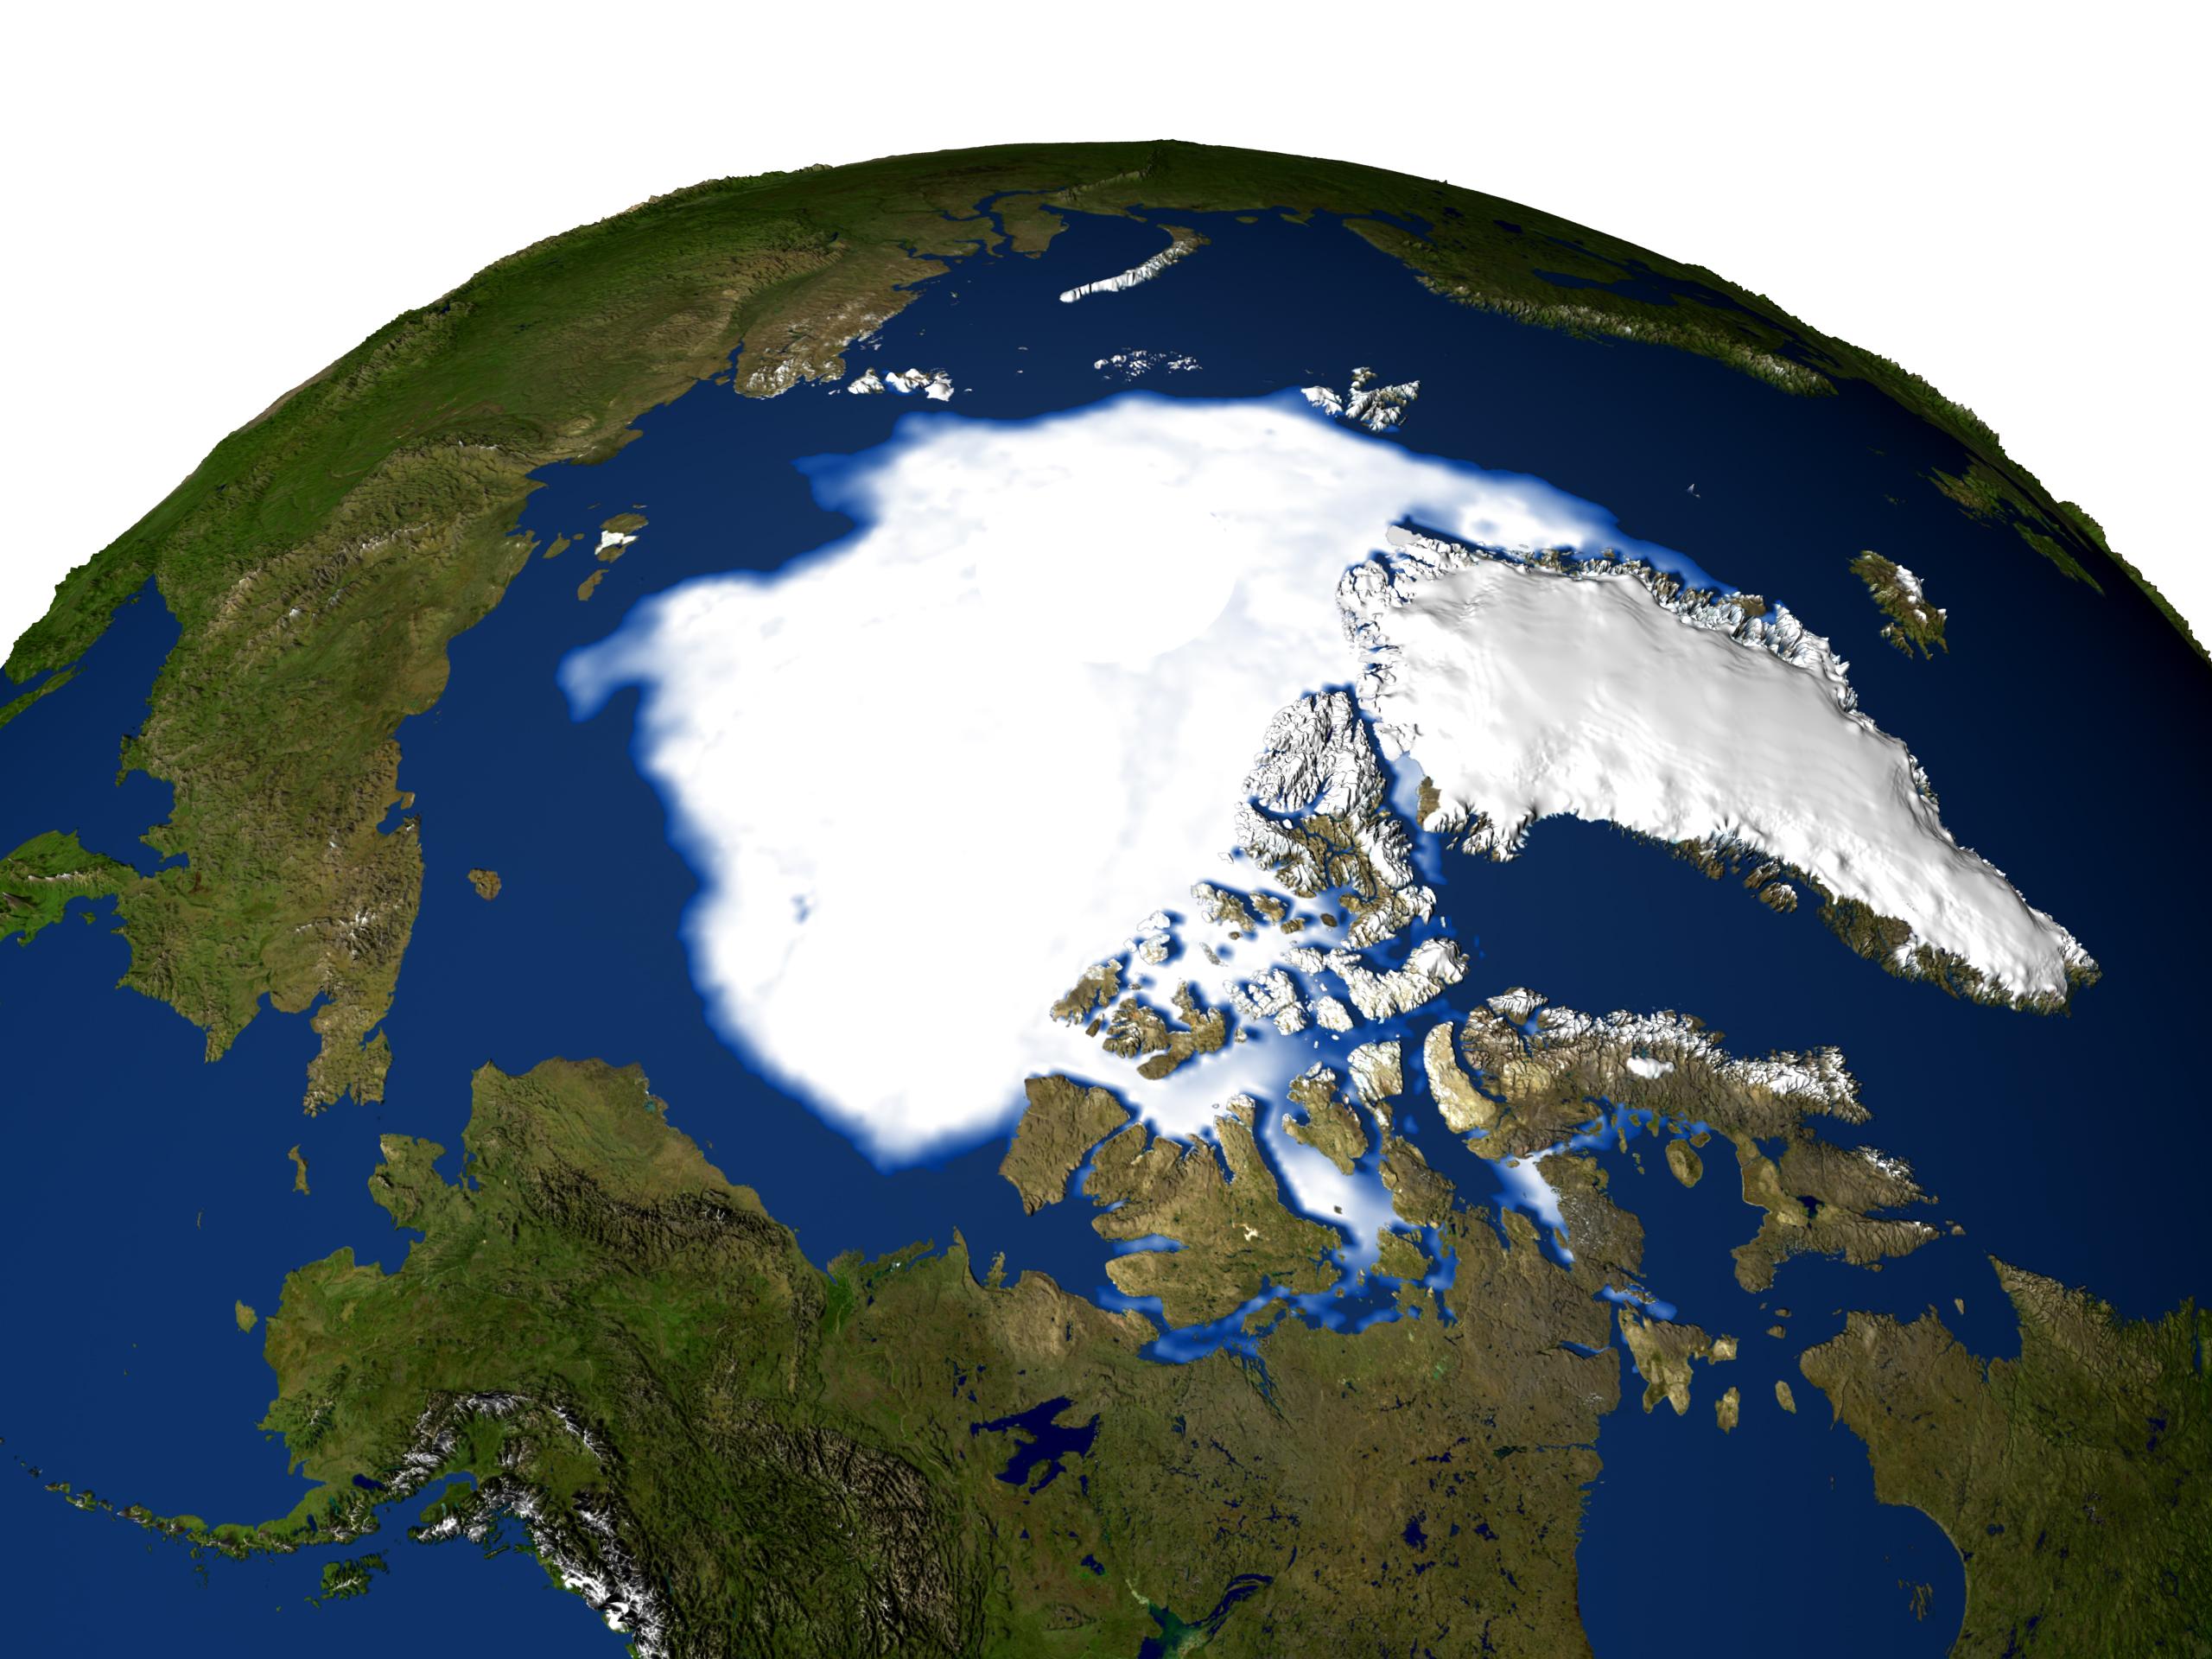 美國宣佈加大對北極安全投入以抗衡俄羅斯